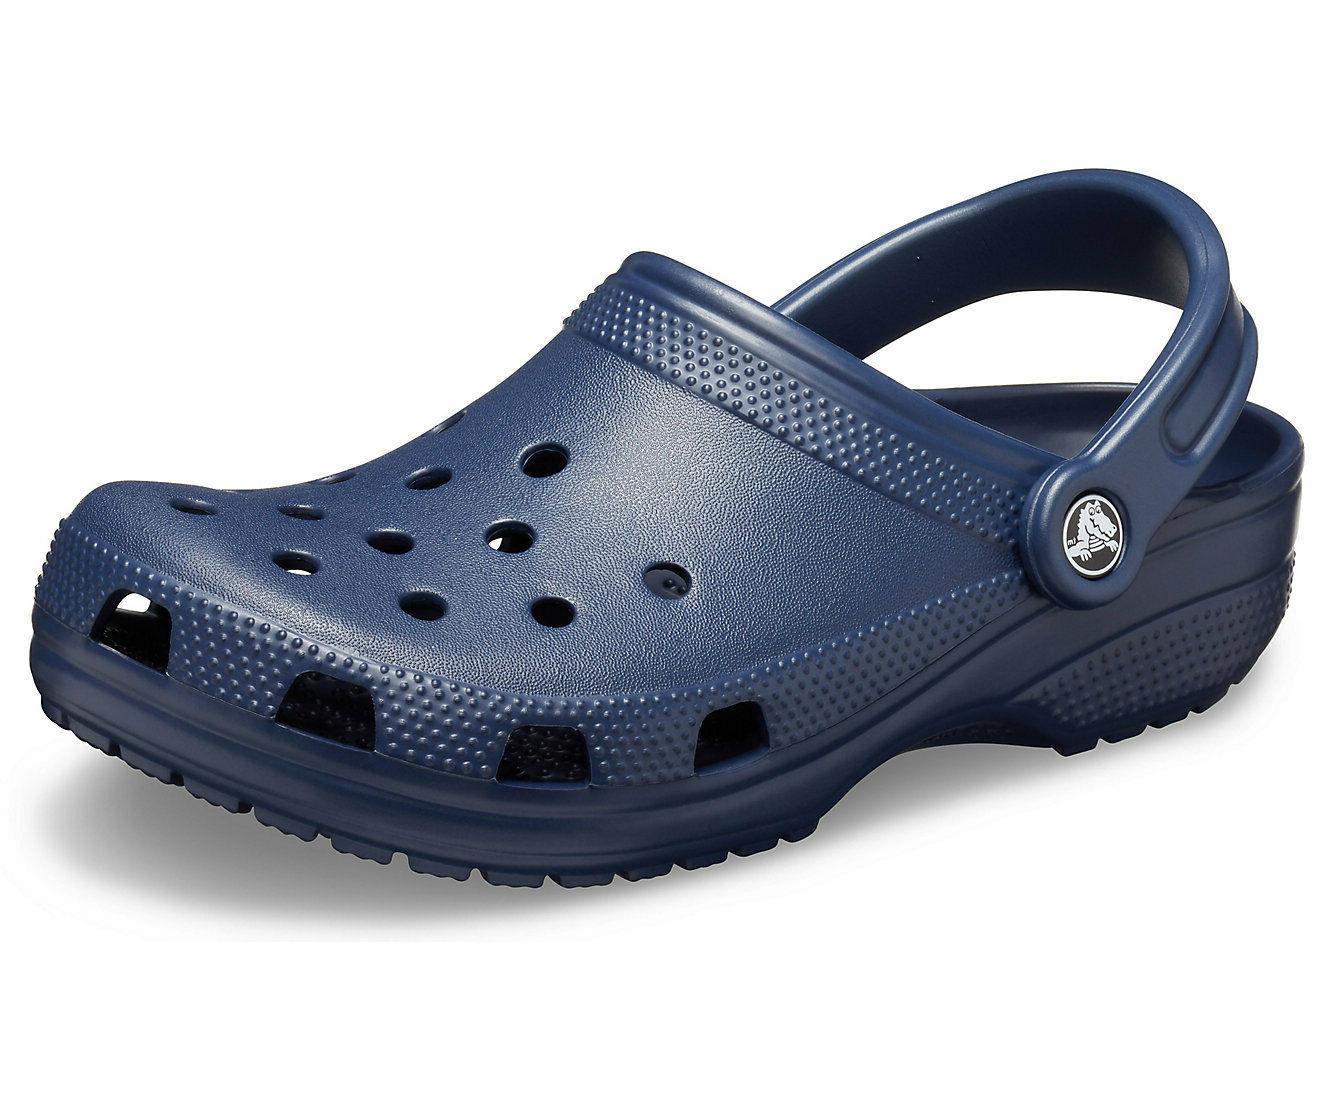 Crocs Unisex Women's Classic Clog Proof Shoe